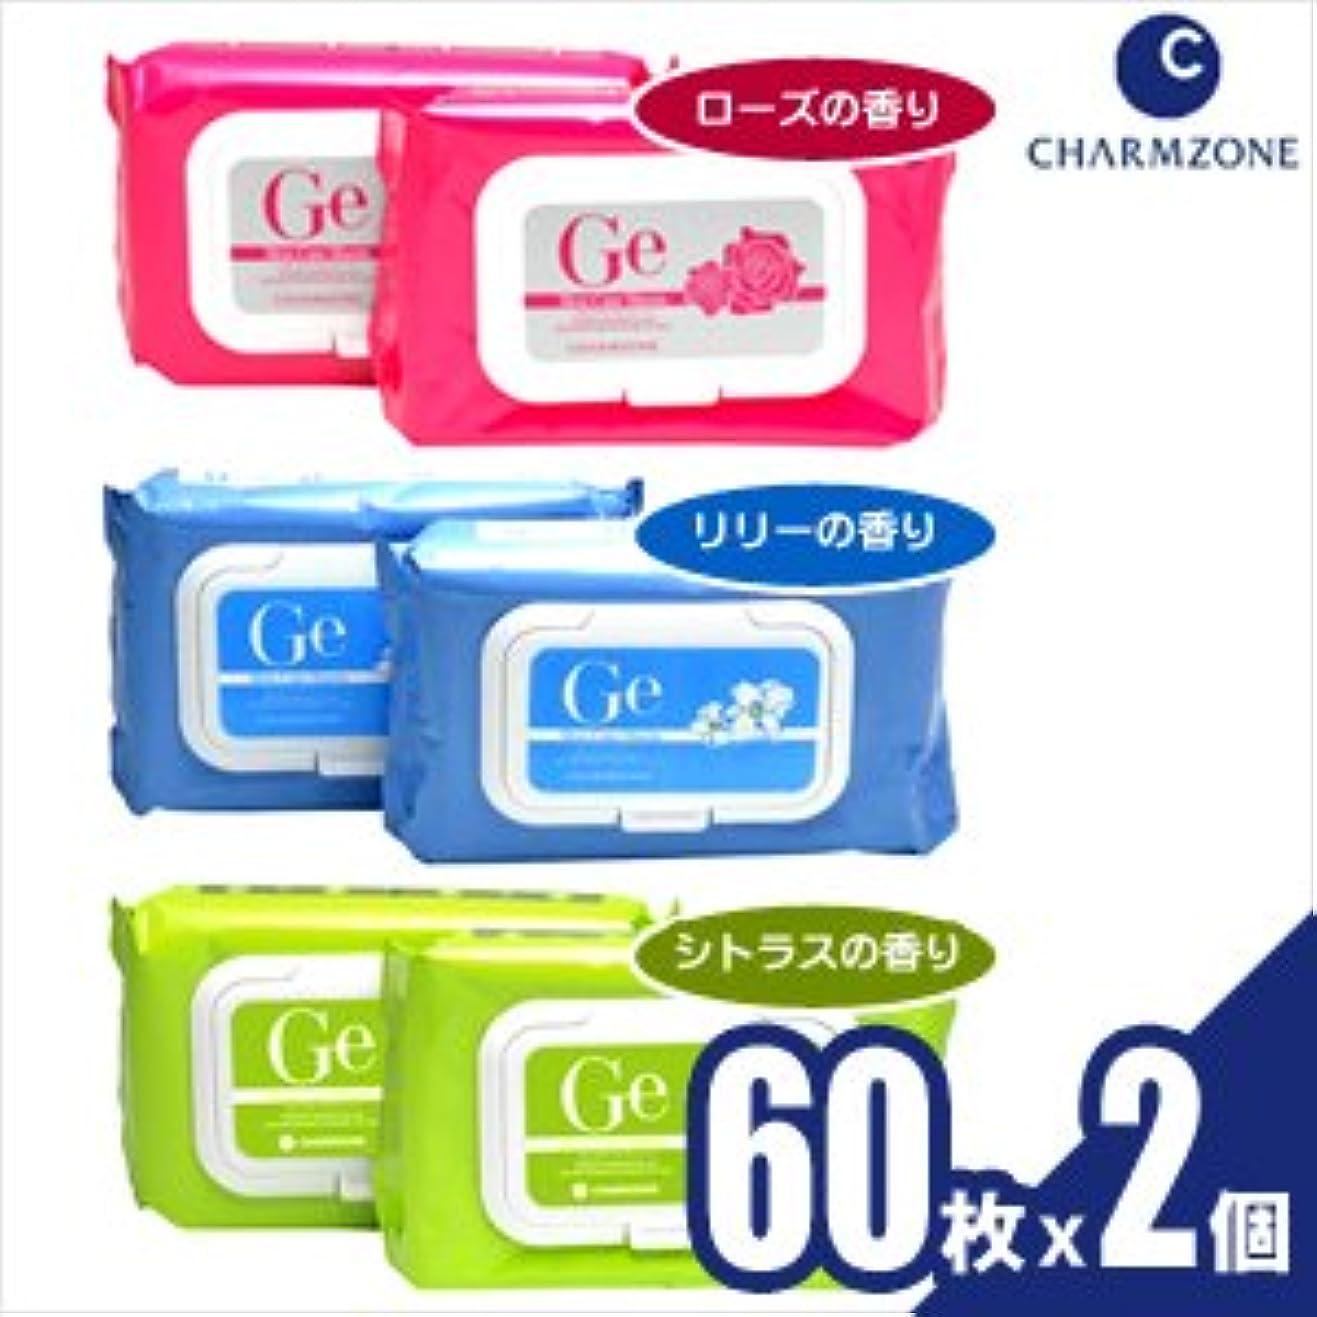 経営者サスティーンほこりチャームゾーン Geスキンケアシート 60枚入×2個 (リリーの香り)